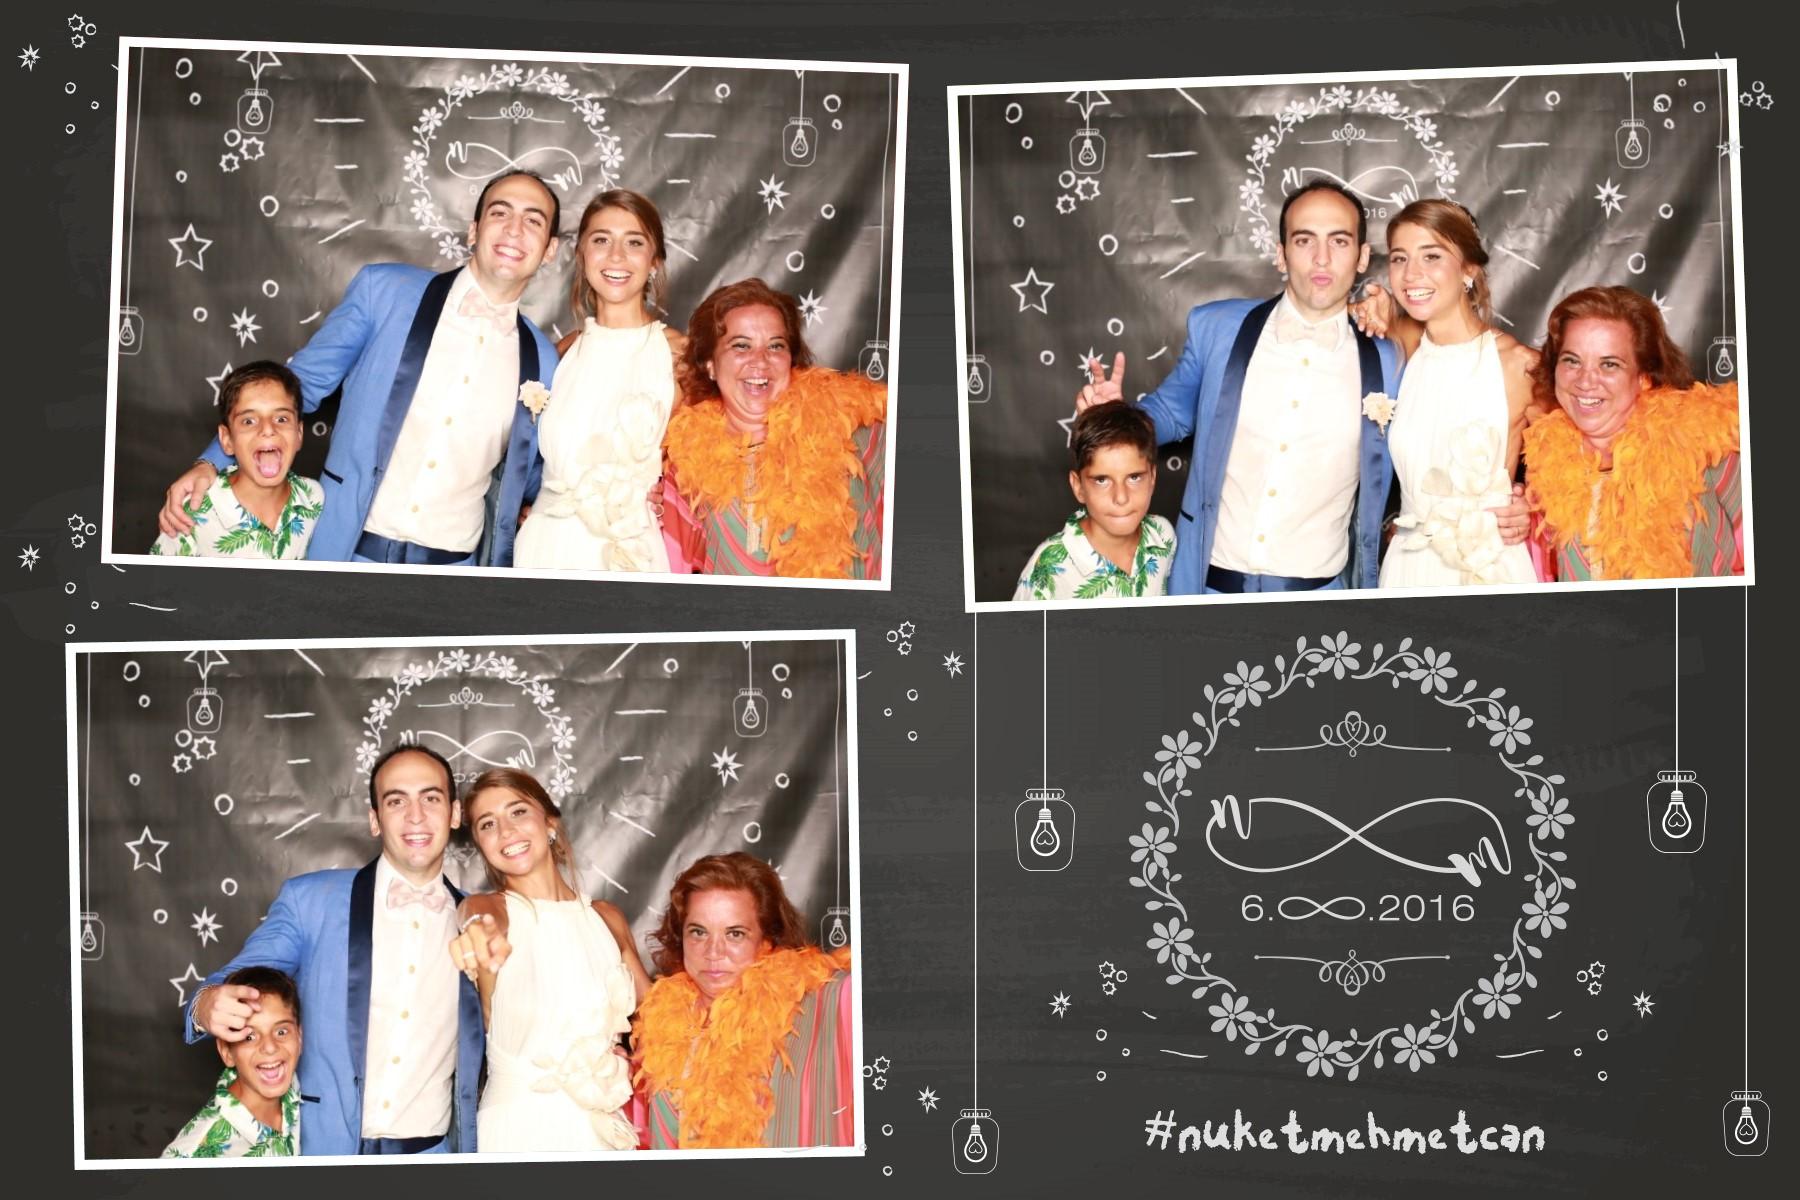 Nuket + Mehmetcan Bodrum Düğün